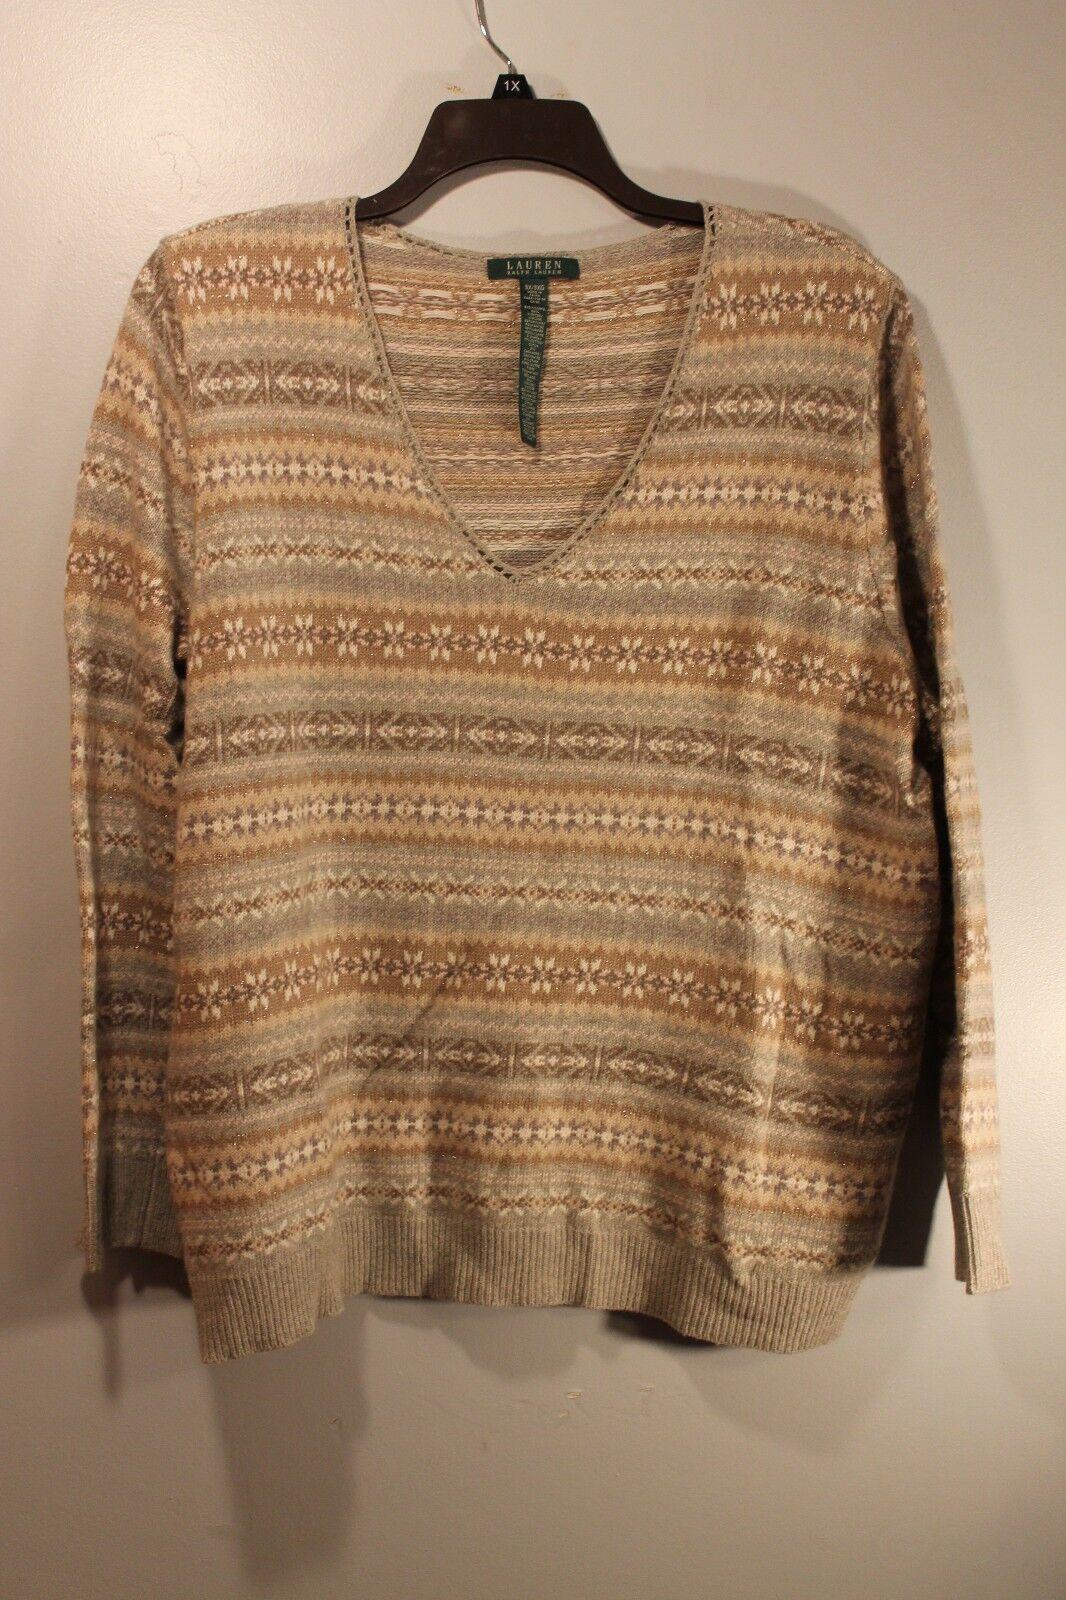 Ladies Tan Sweater Baggage Clothing